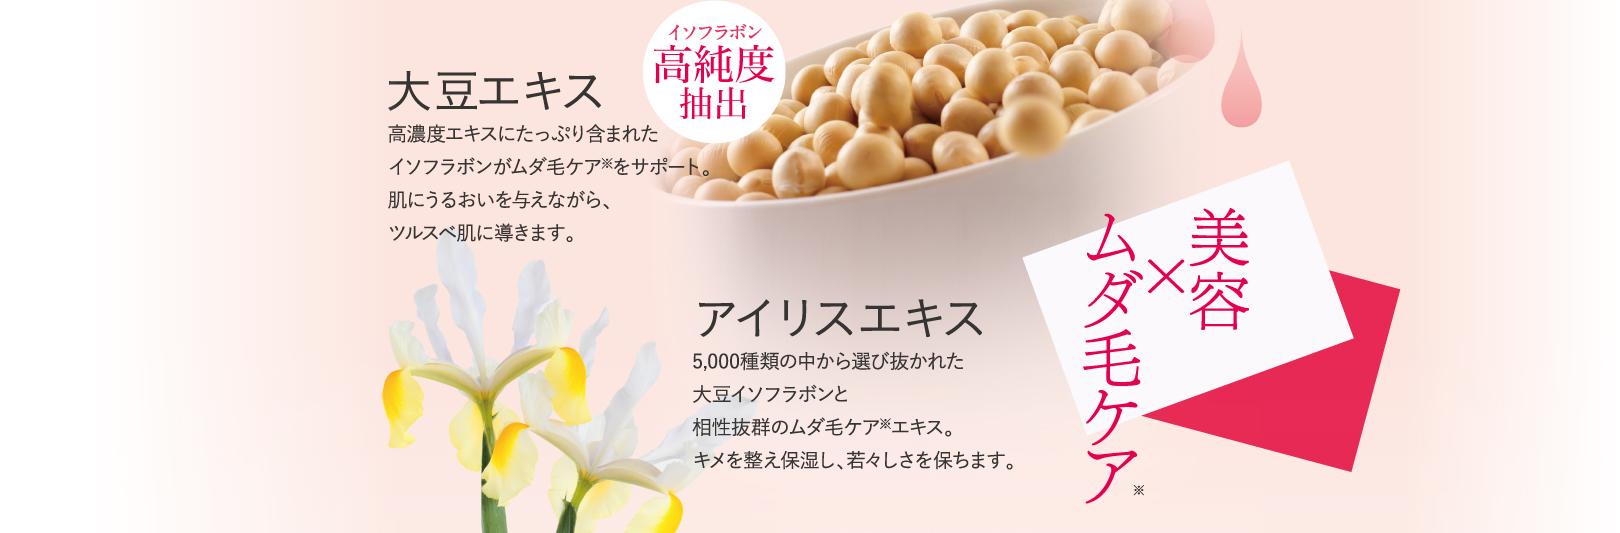 大豆エキス アイリスエキス